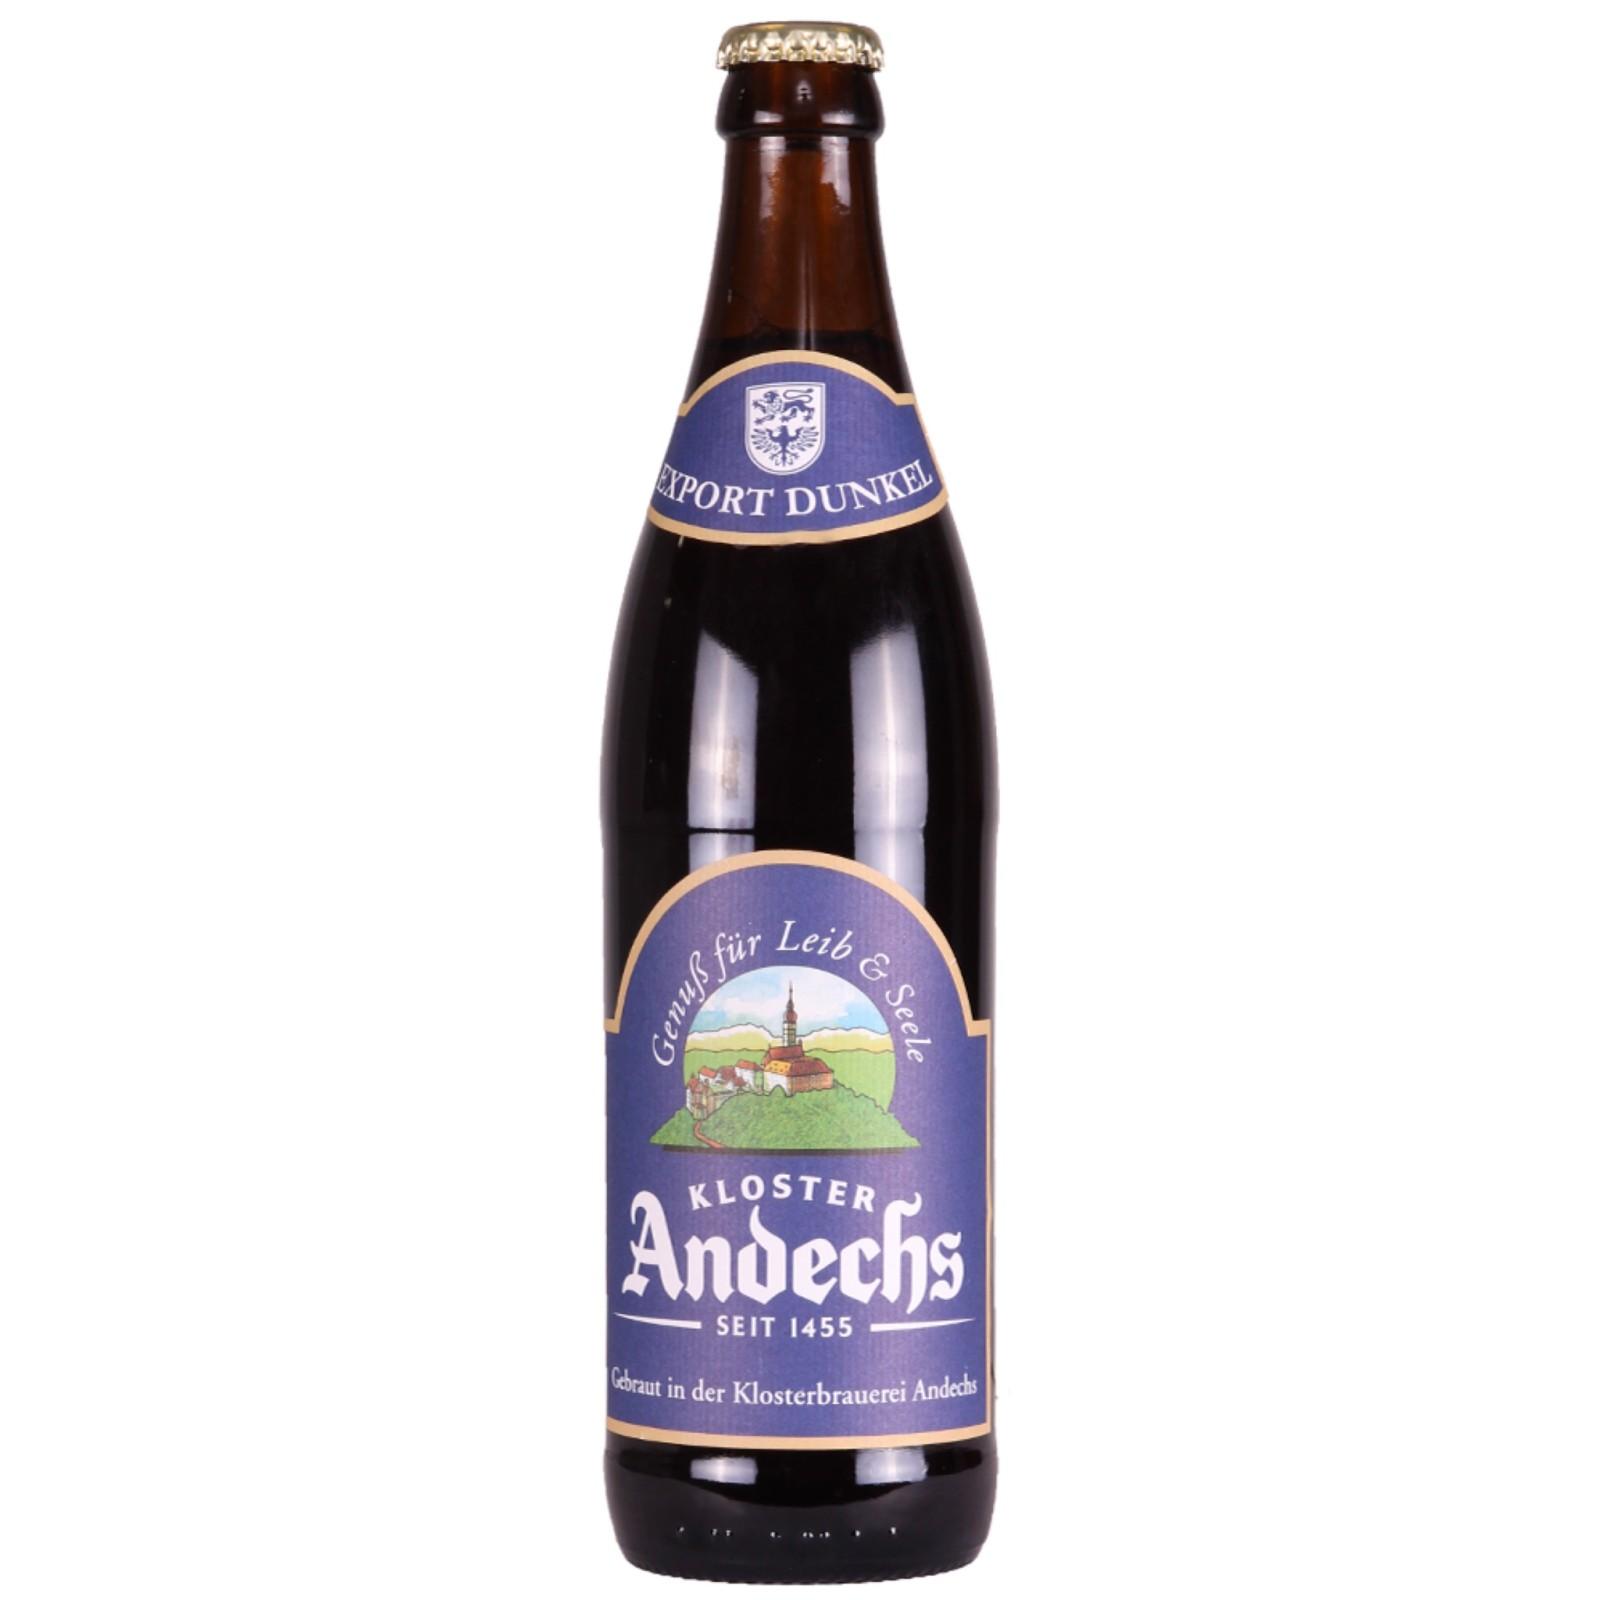 Andechs Export Dunkel 4.9% 500ml